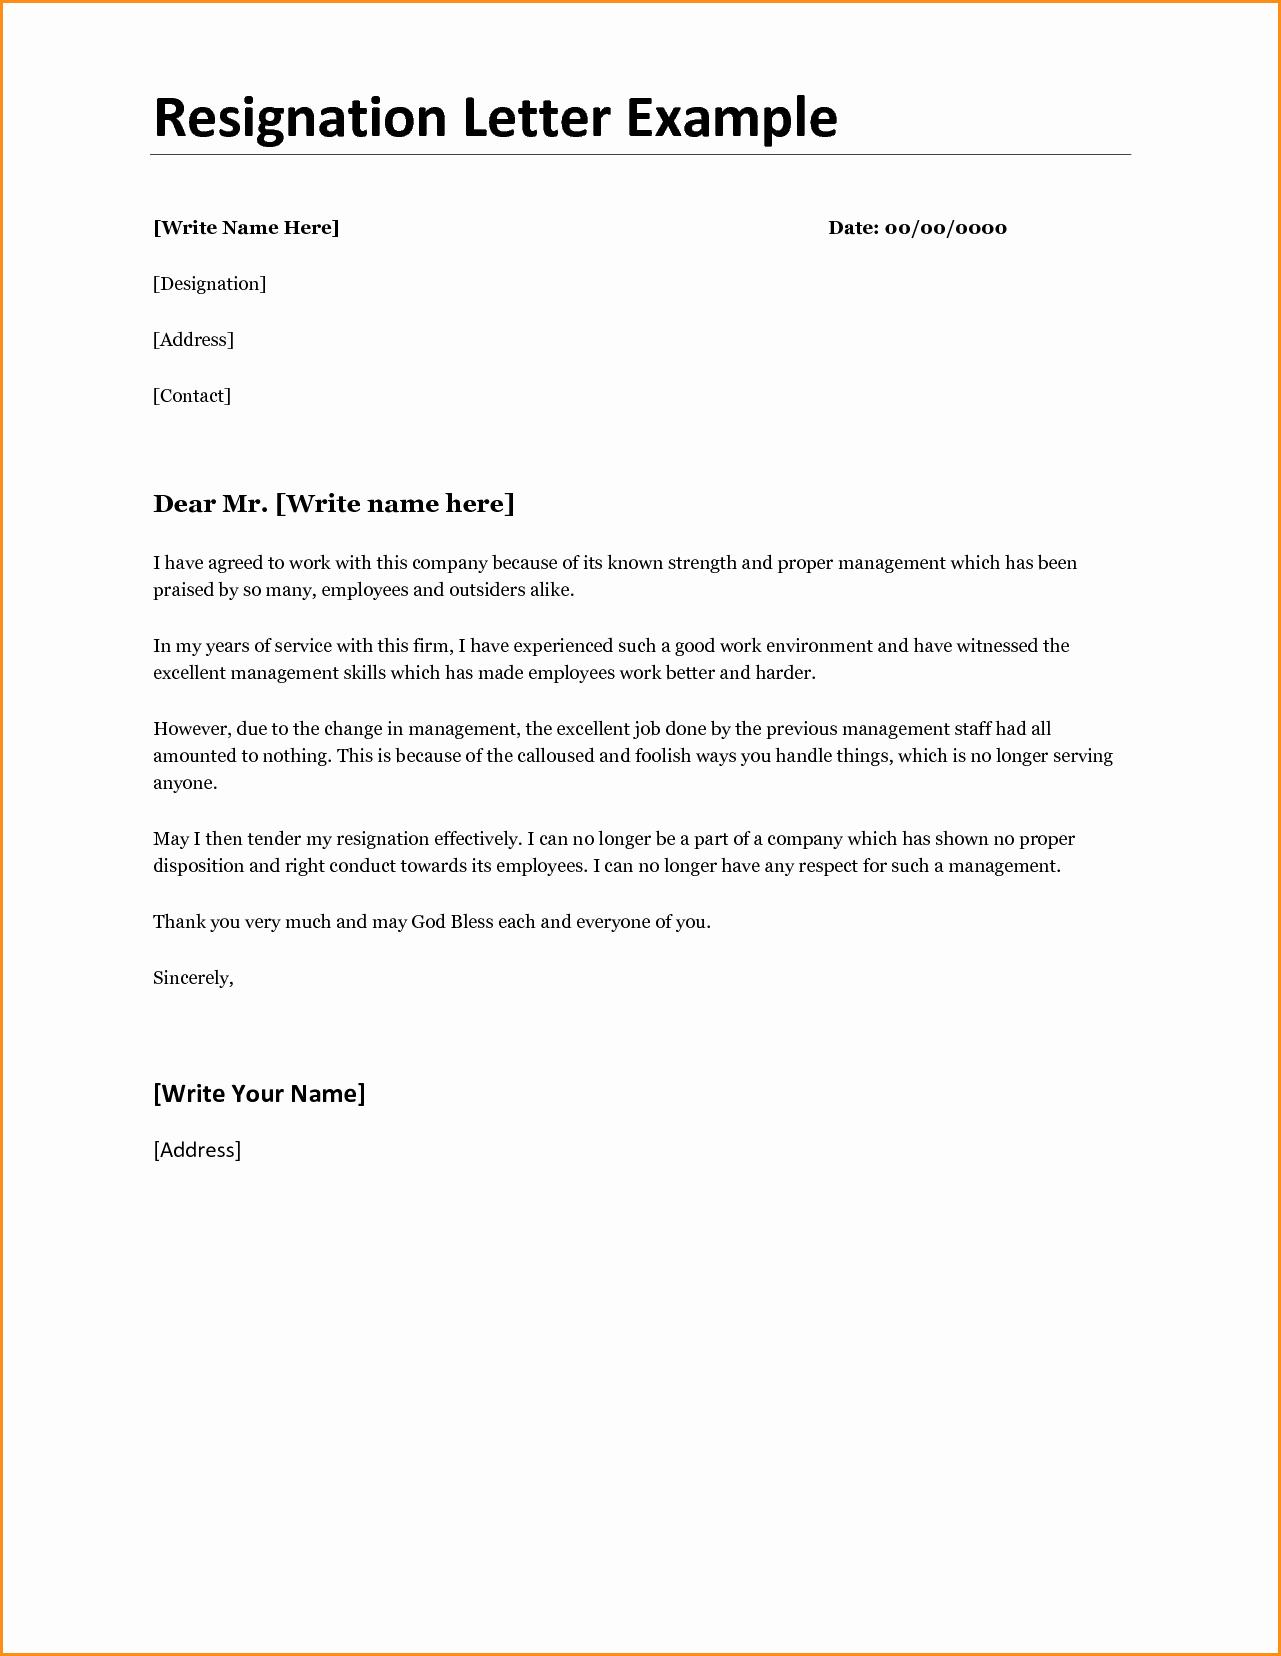 10 Good Resignation Letter